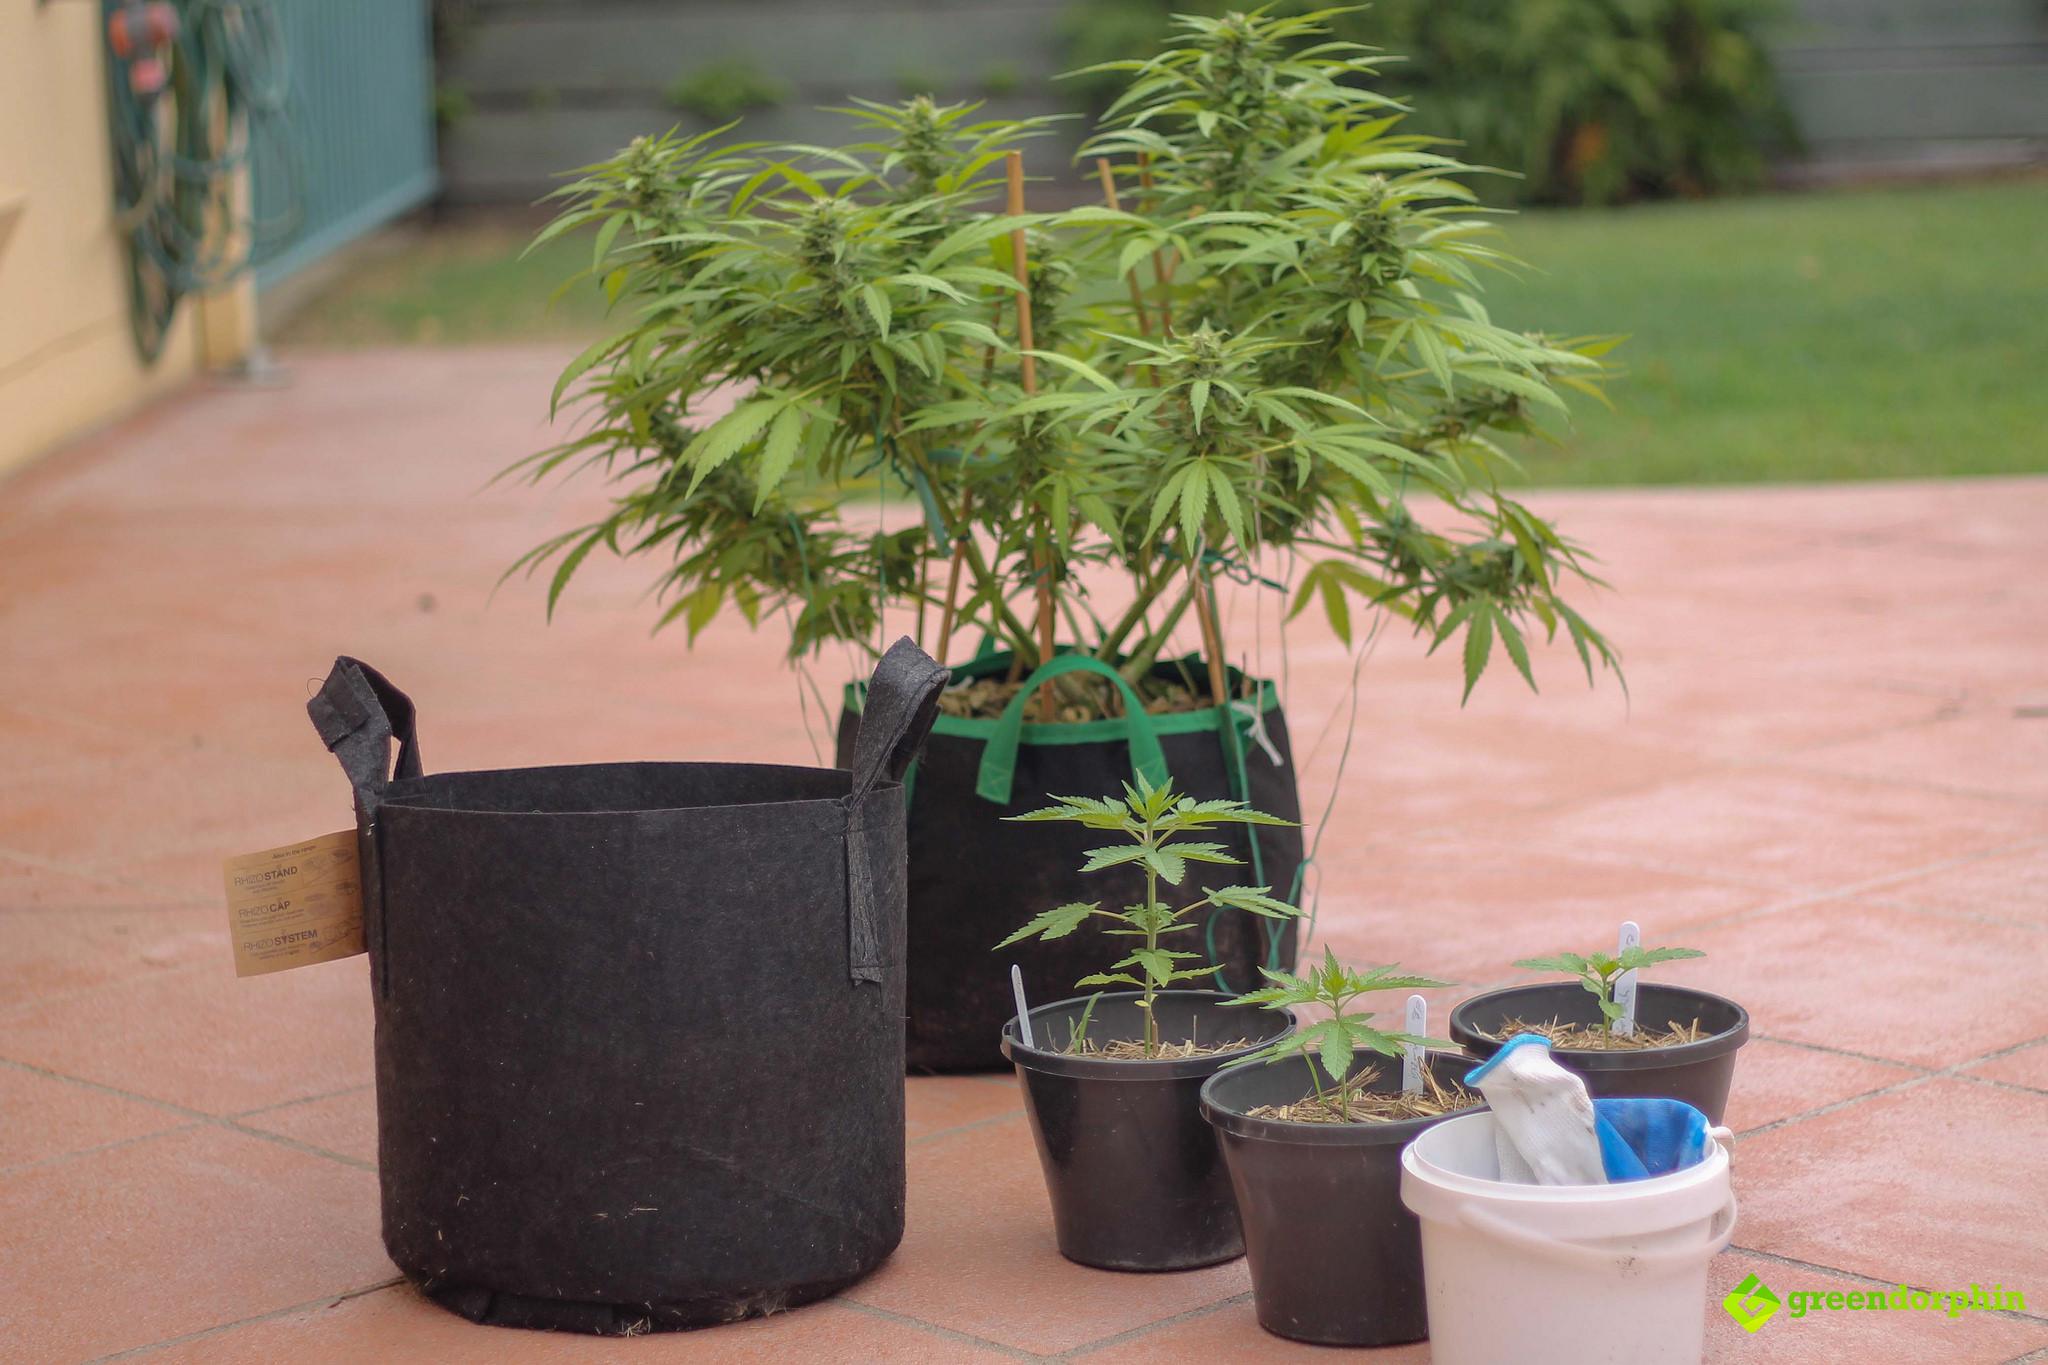 Repot Your Cannabis Plants title shot